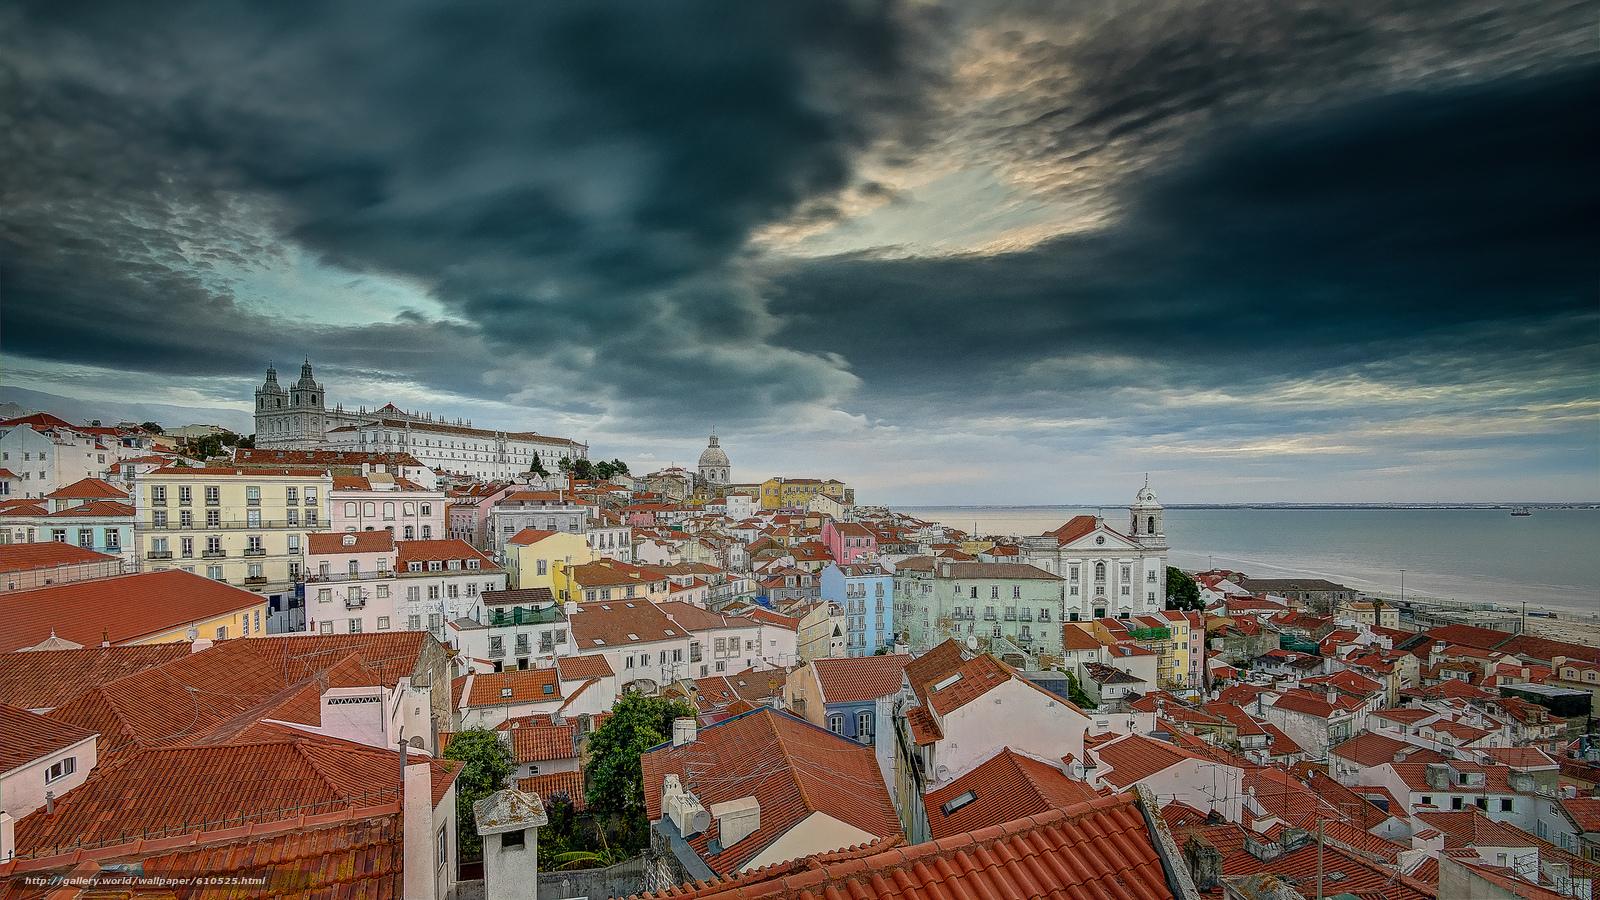 Скачать обои Lisbon,  Portugal,  Лиссабон,  Португалия бесплатно для рабочего стола в разрешении 2048x1152 — картинка №610525